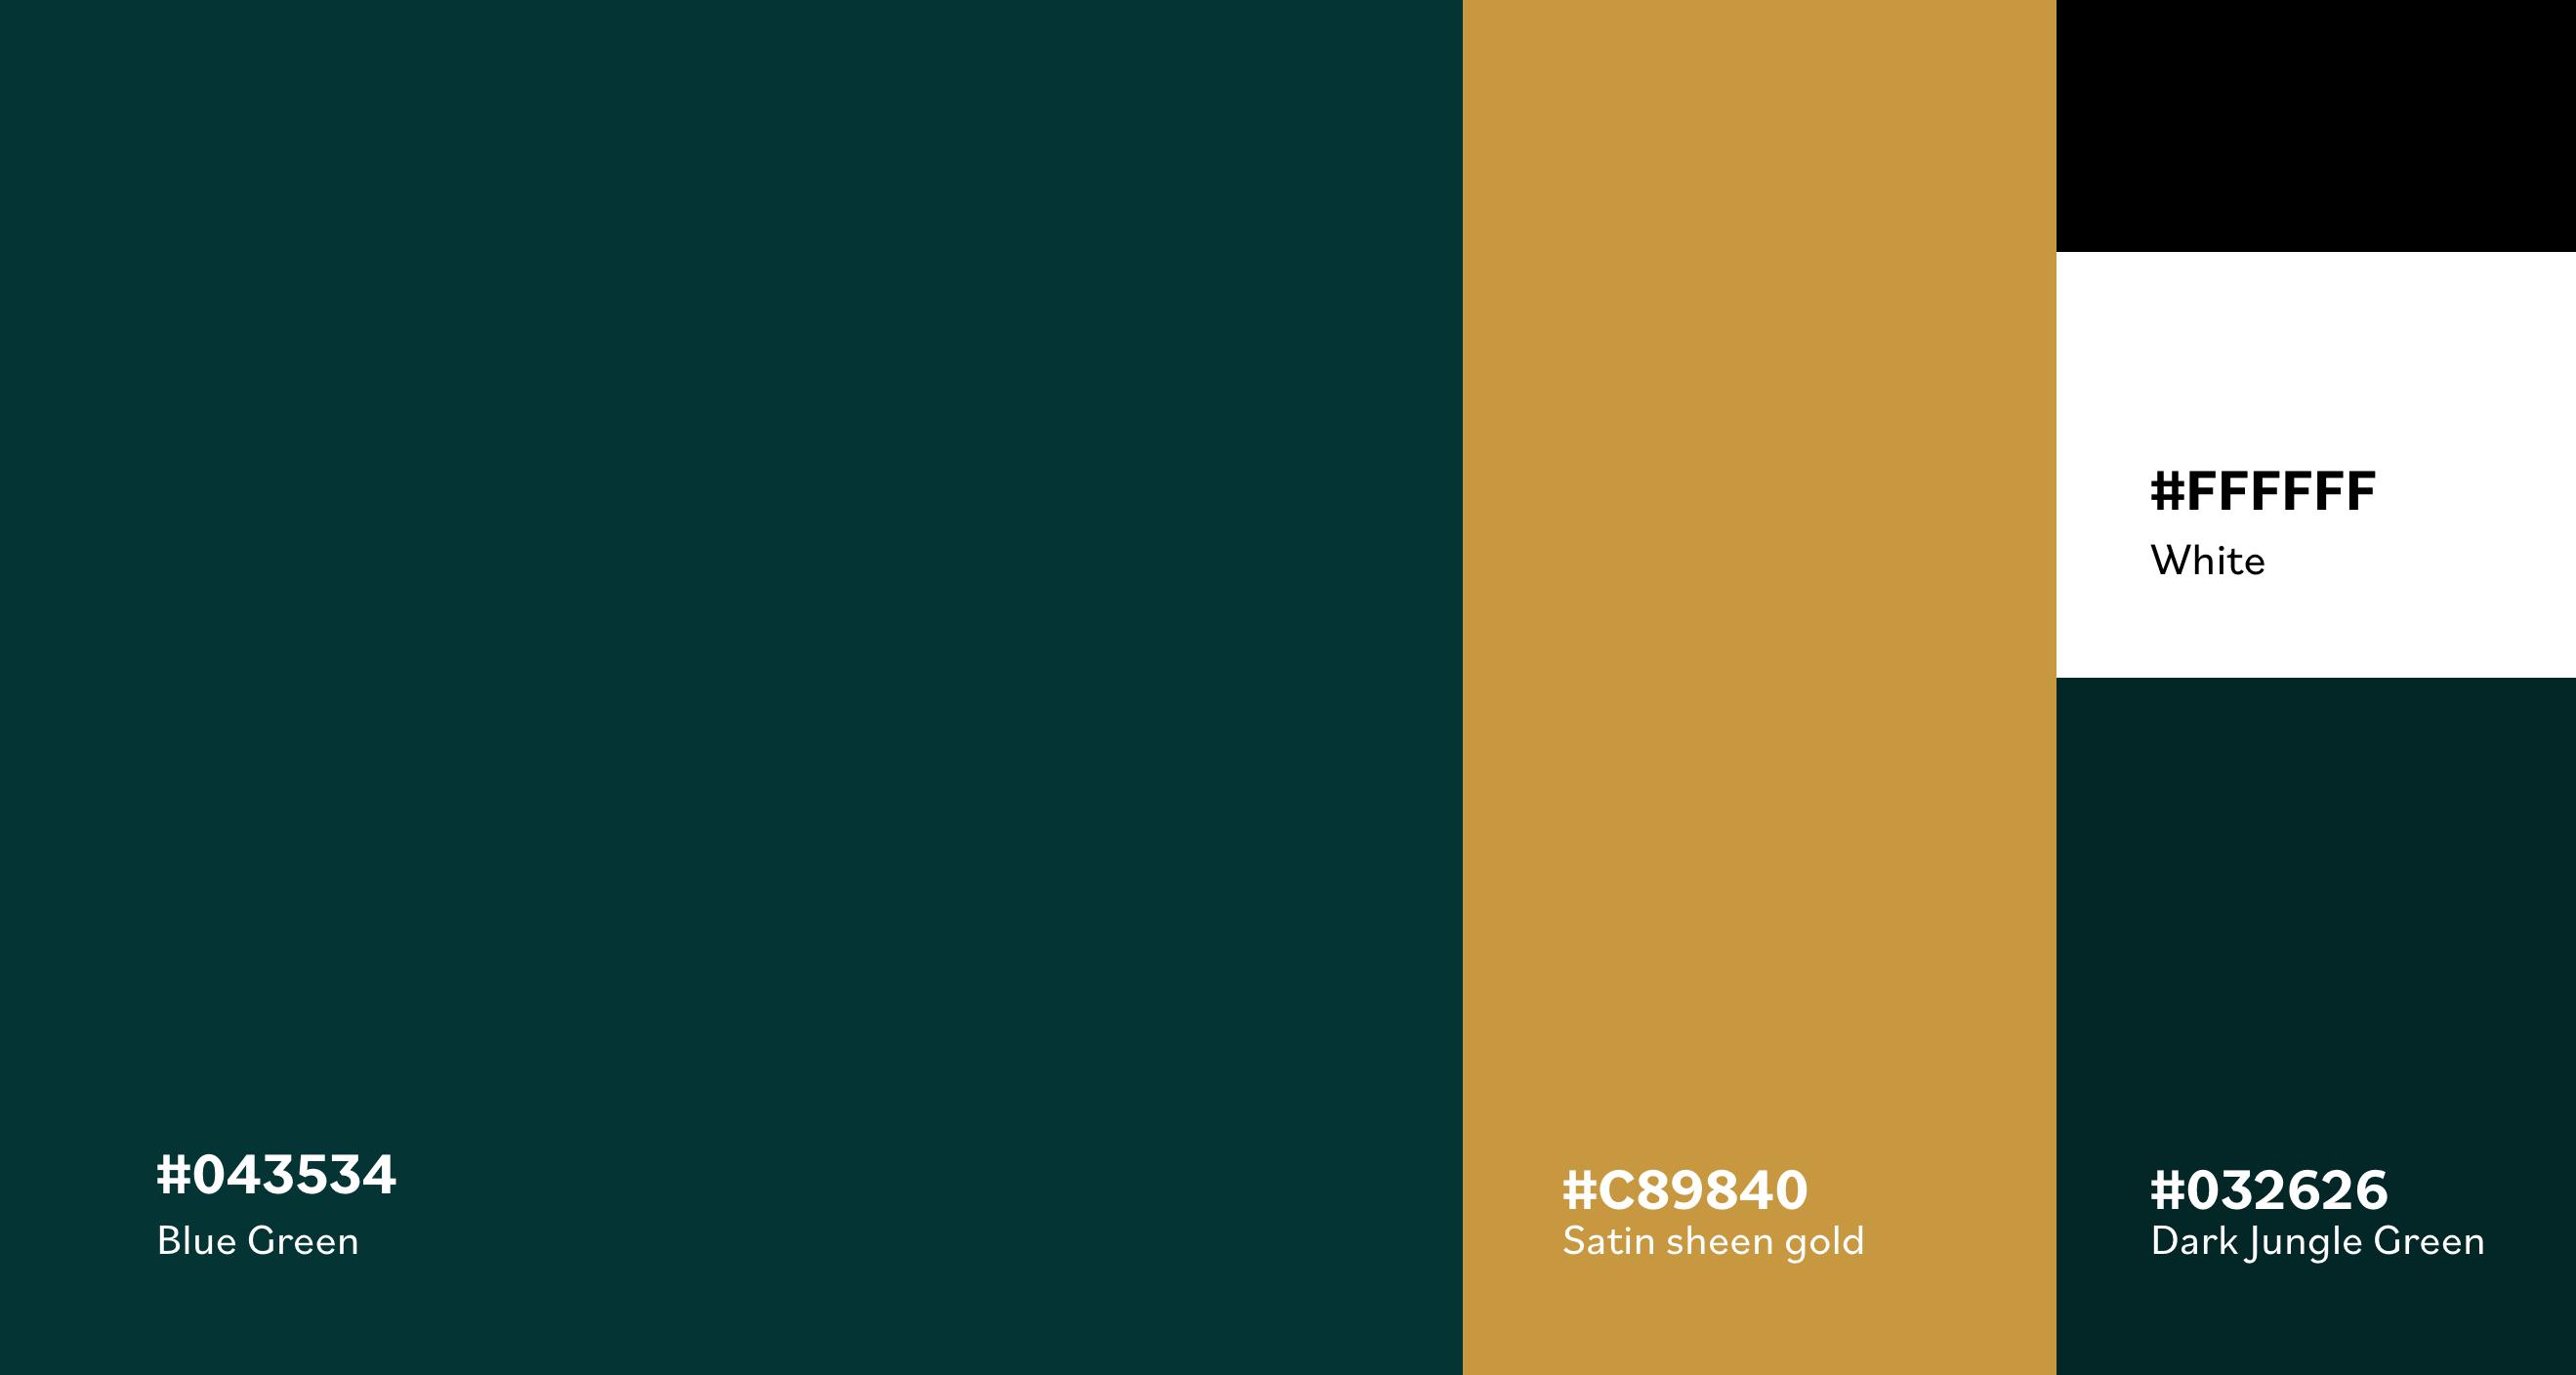 Color scheme of La Sobremesa brand